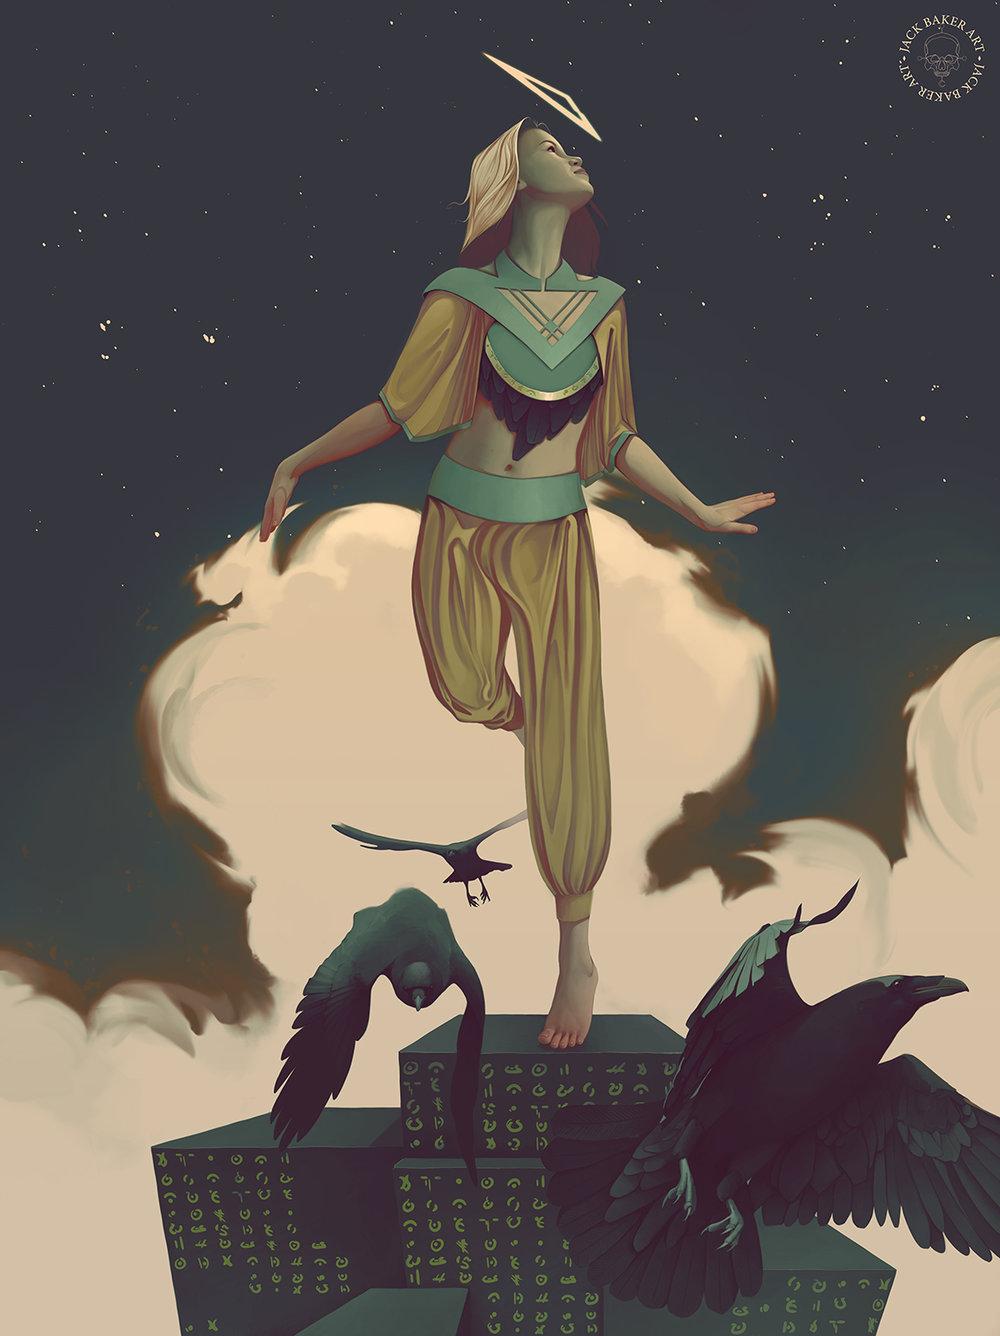 Ravn Strong Female Character Art.jpg